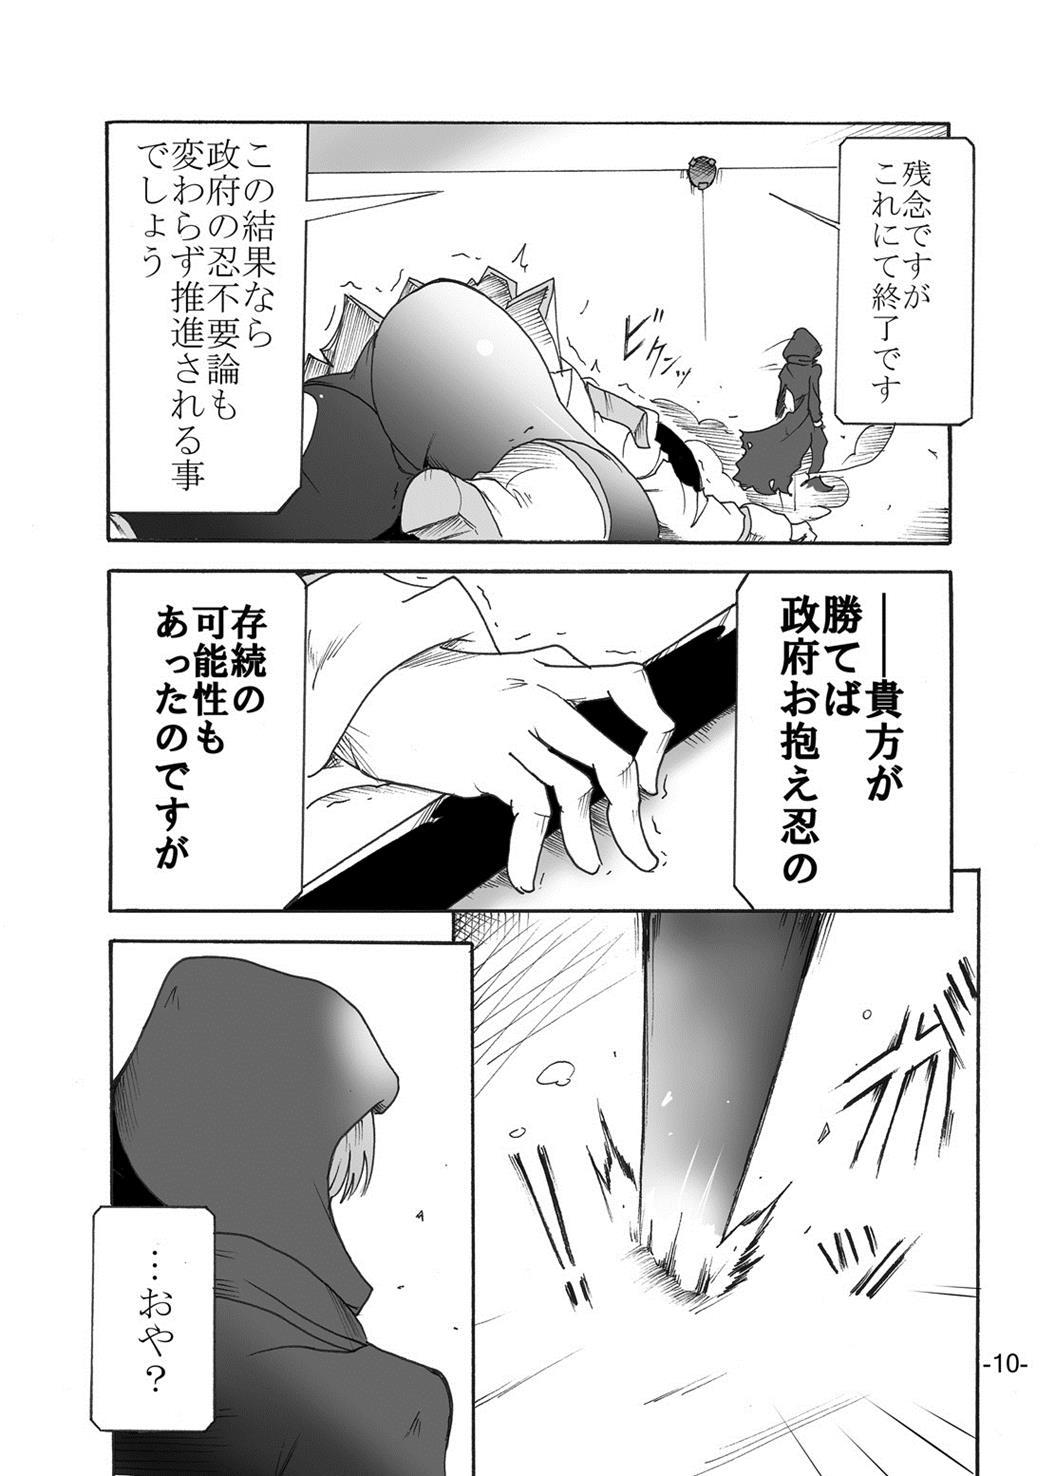 Tsubame o Kujiku 8